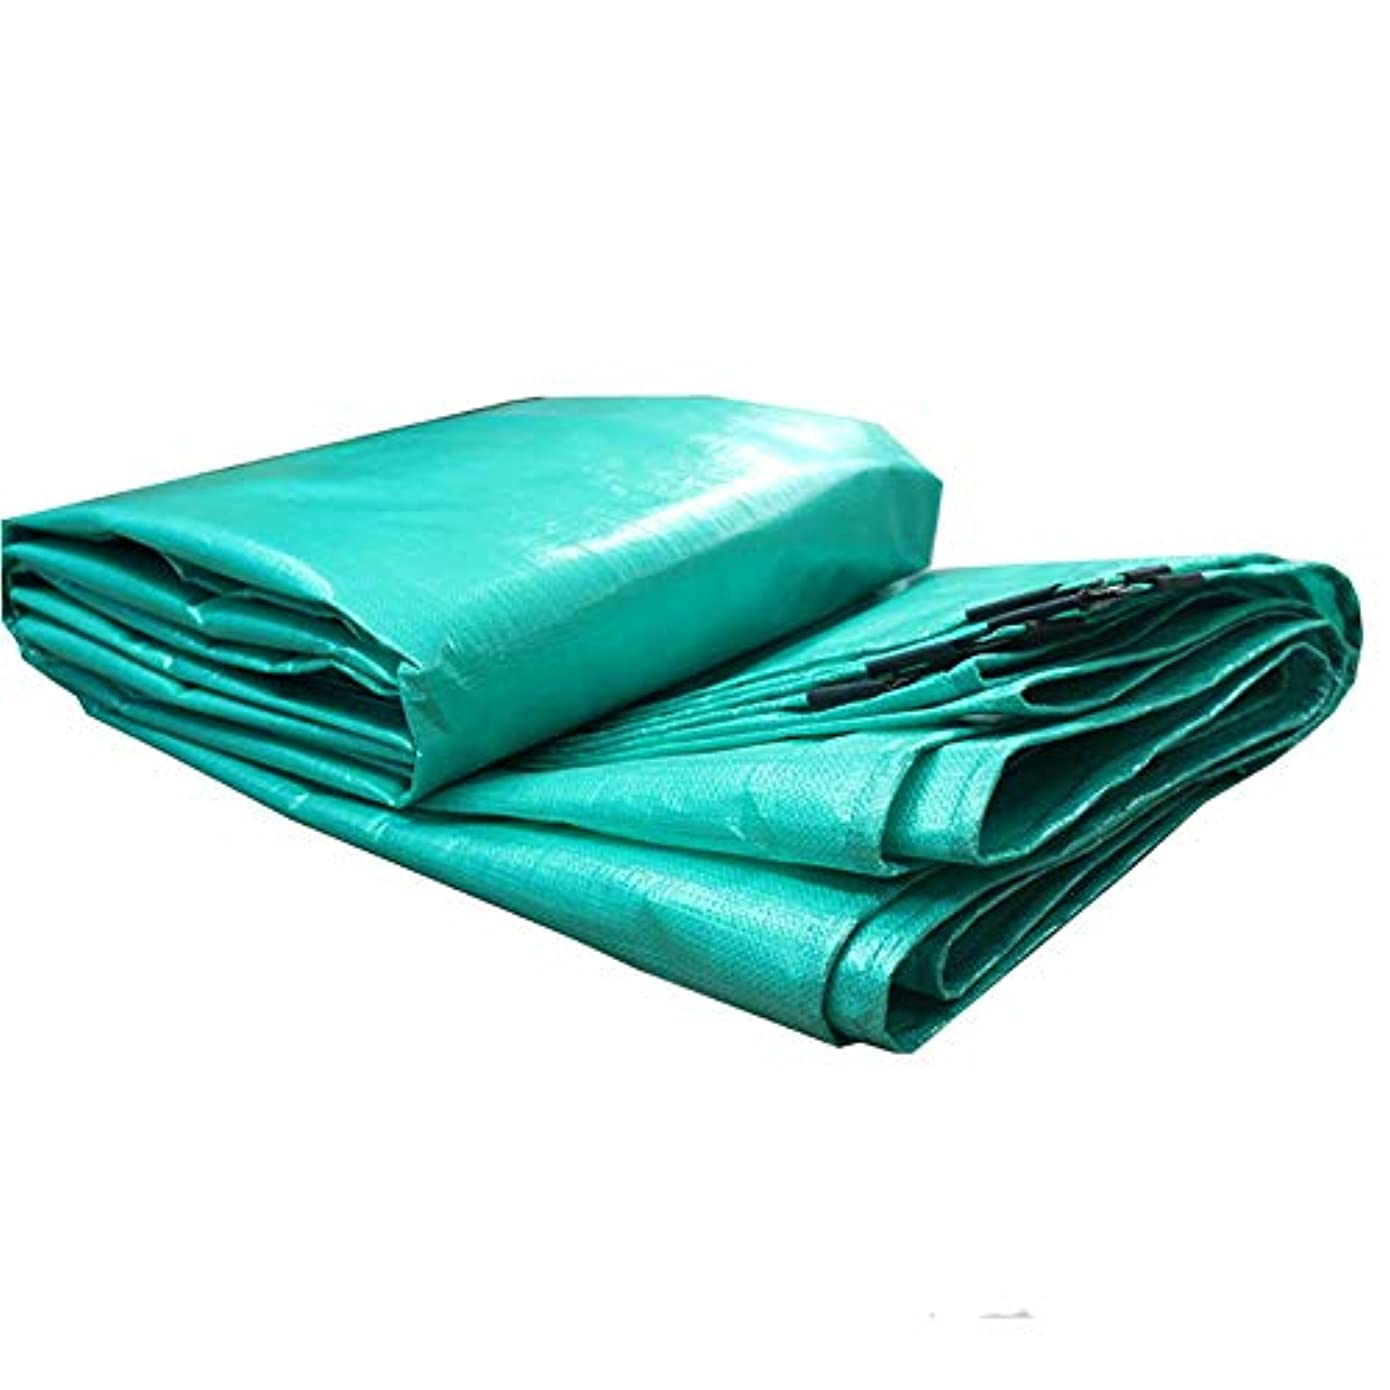 想定する障害つまらないWCH 緑色ポリエステル、アイレット付き多目的防水防水シート、180g / m 2